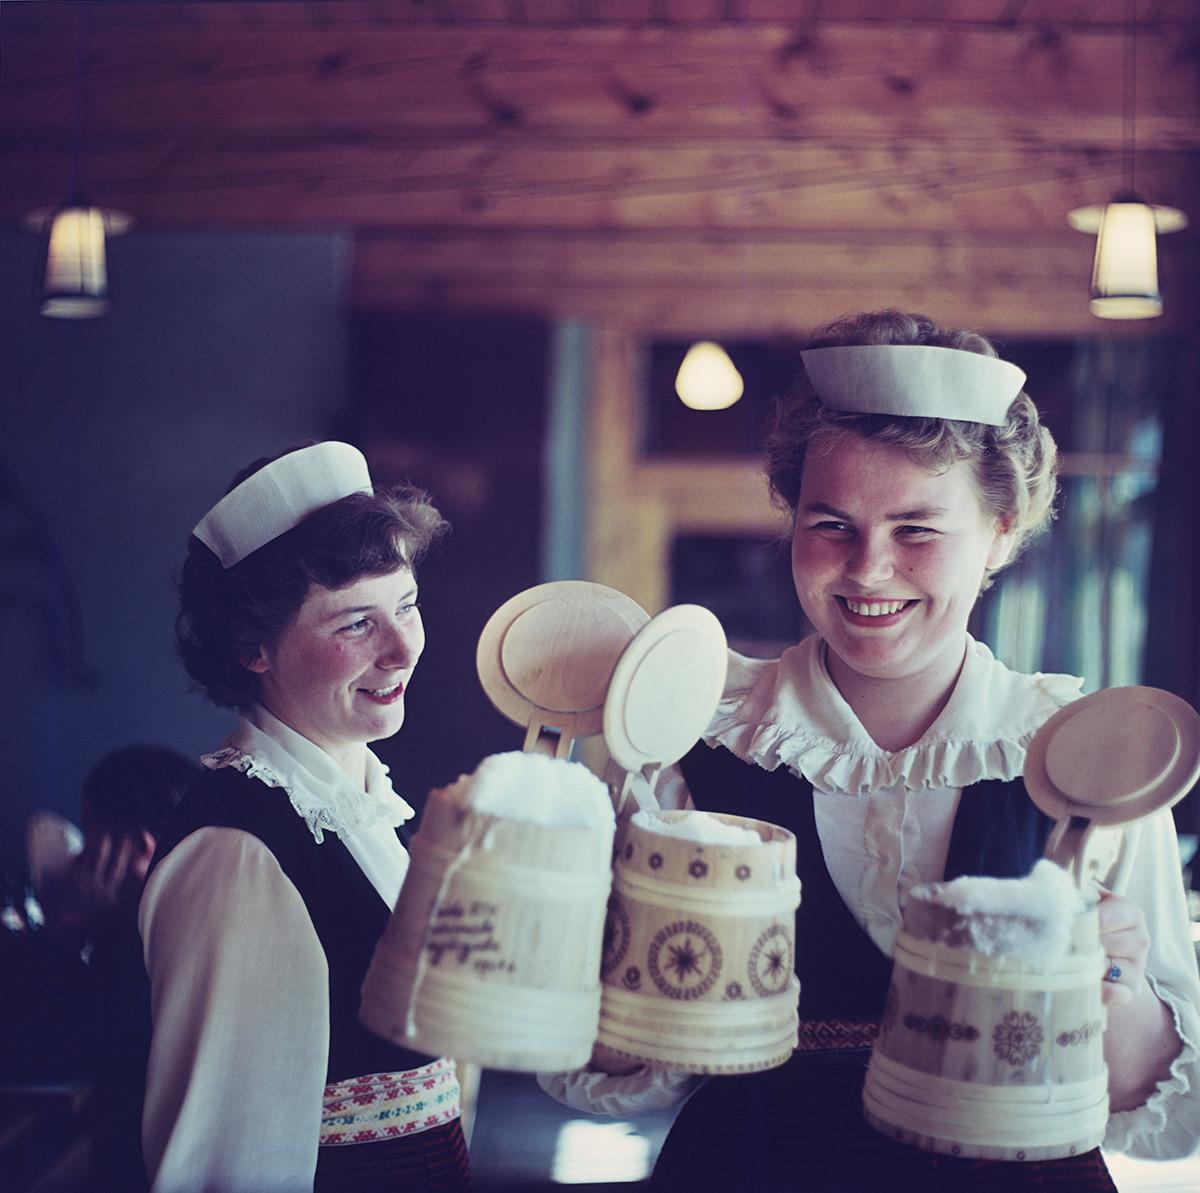 エストニア首都タリンにあった飲み屋にて